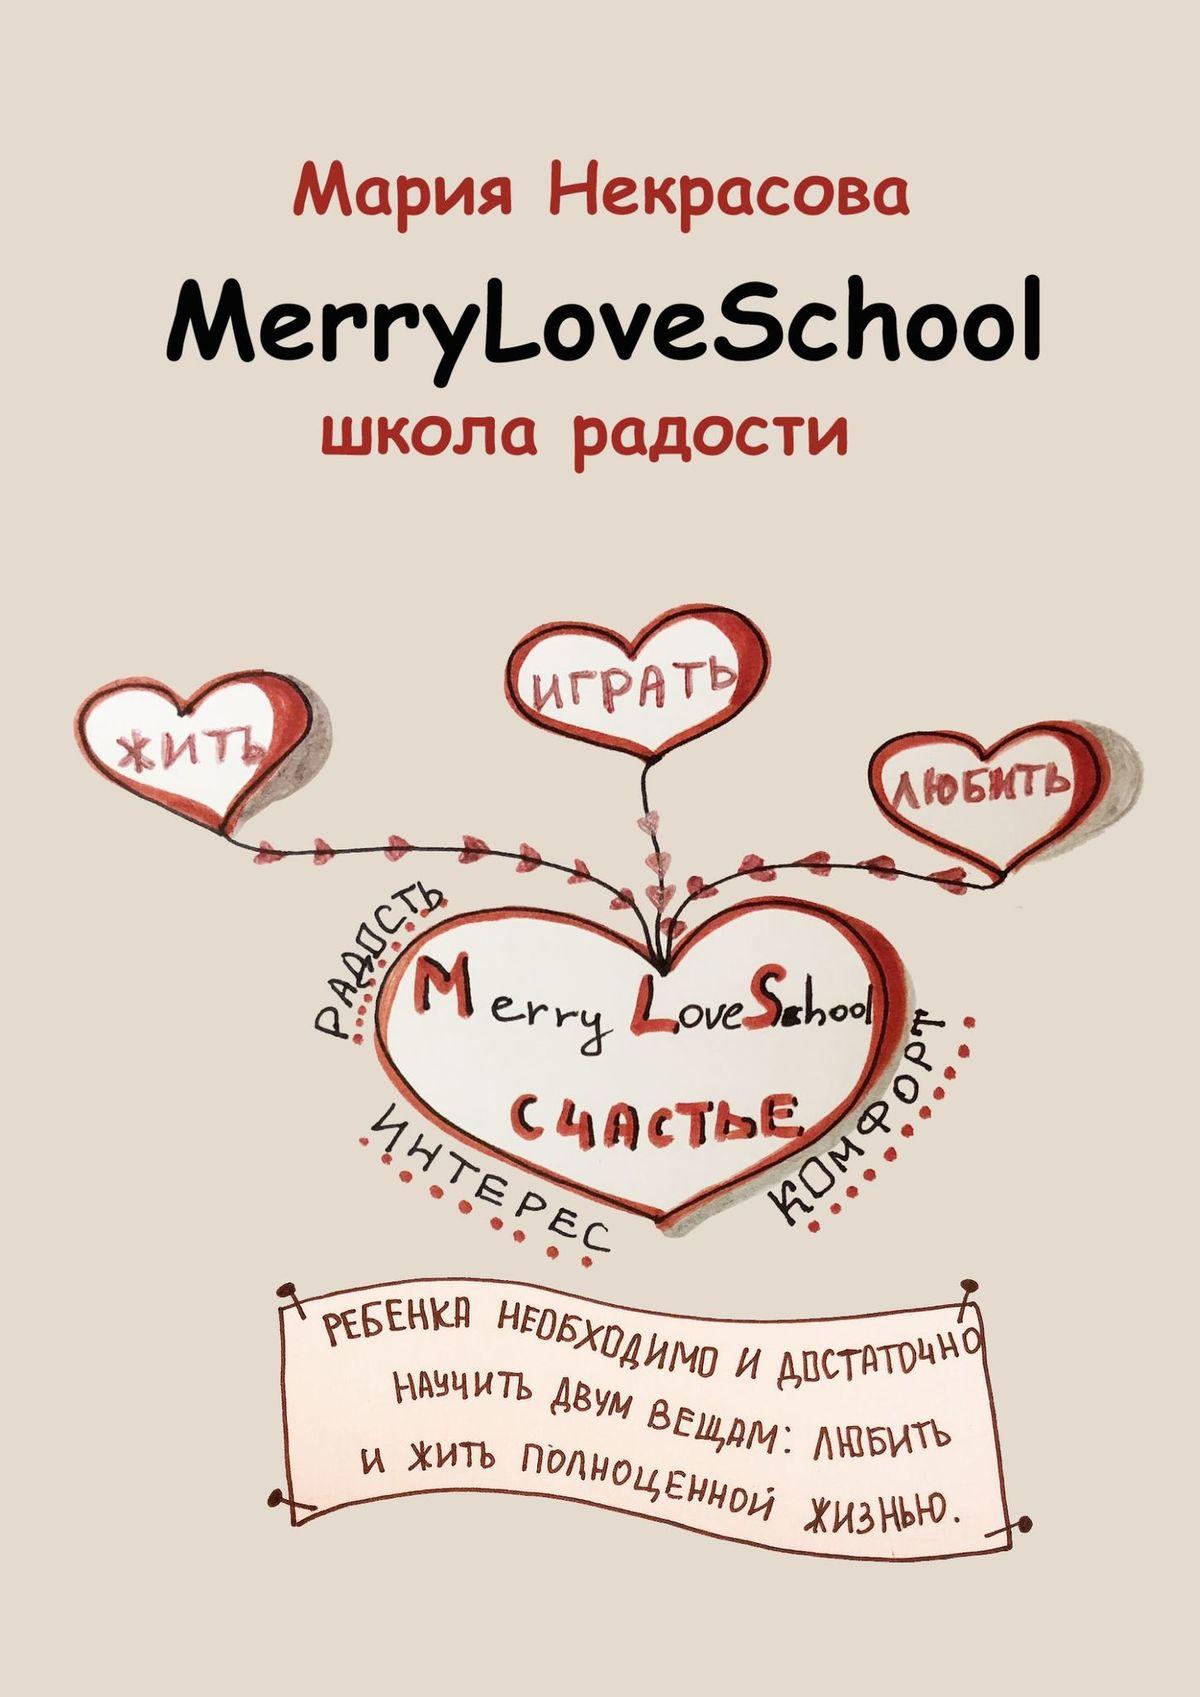 цена Мария Некрасова Школа радости в интернет-магазинах